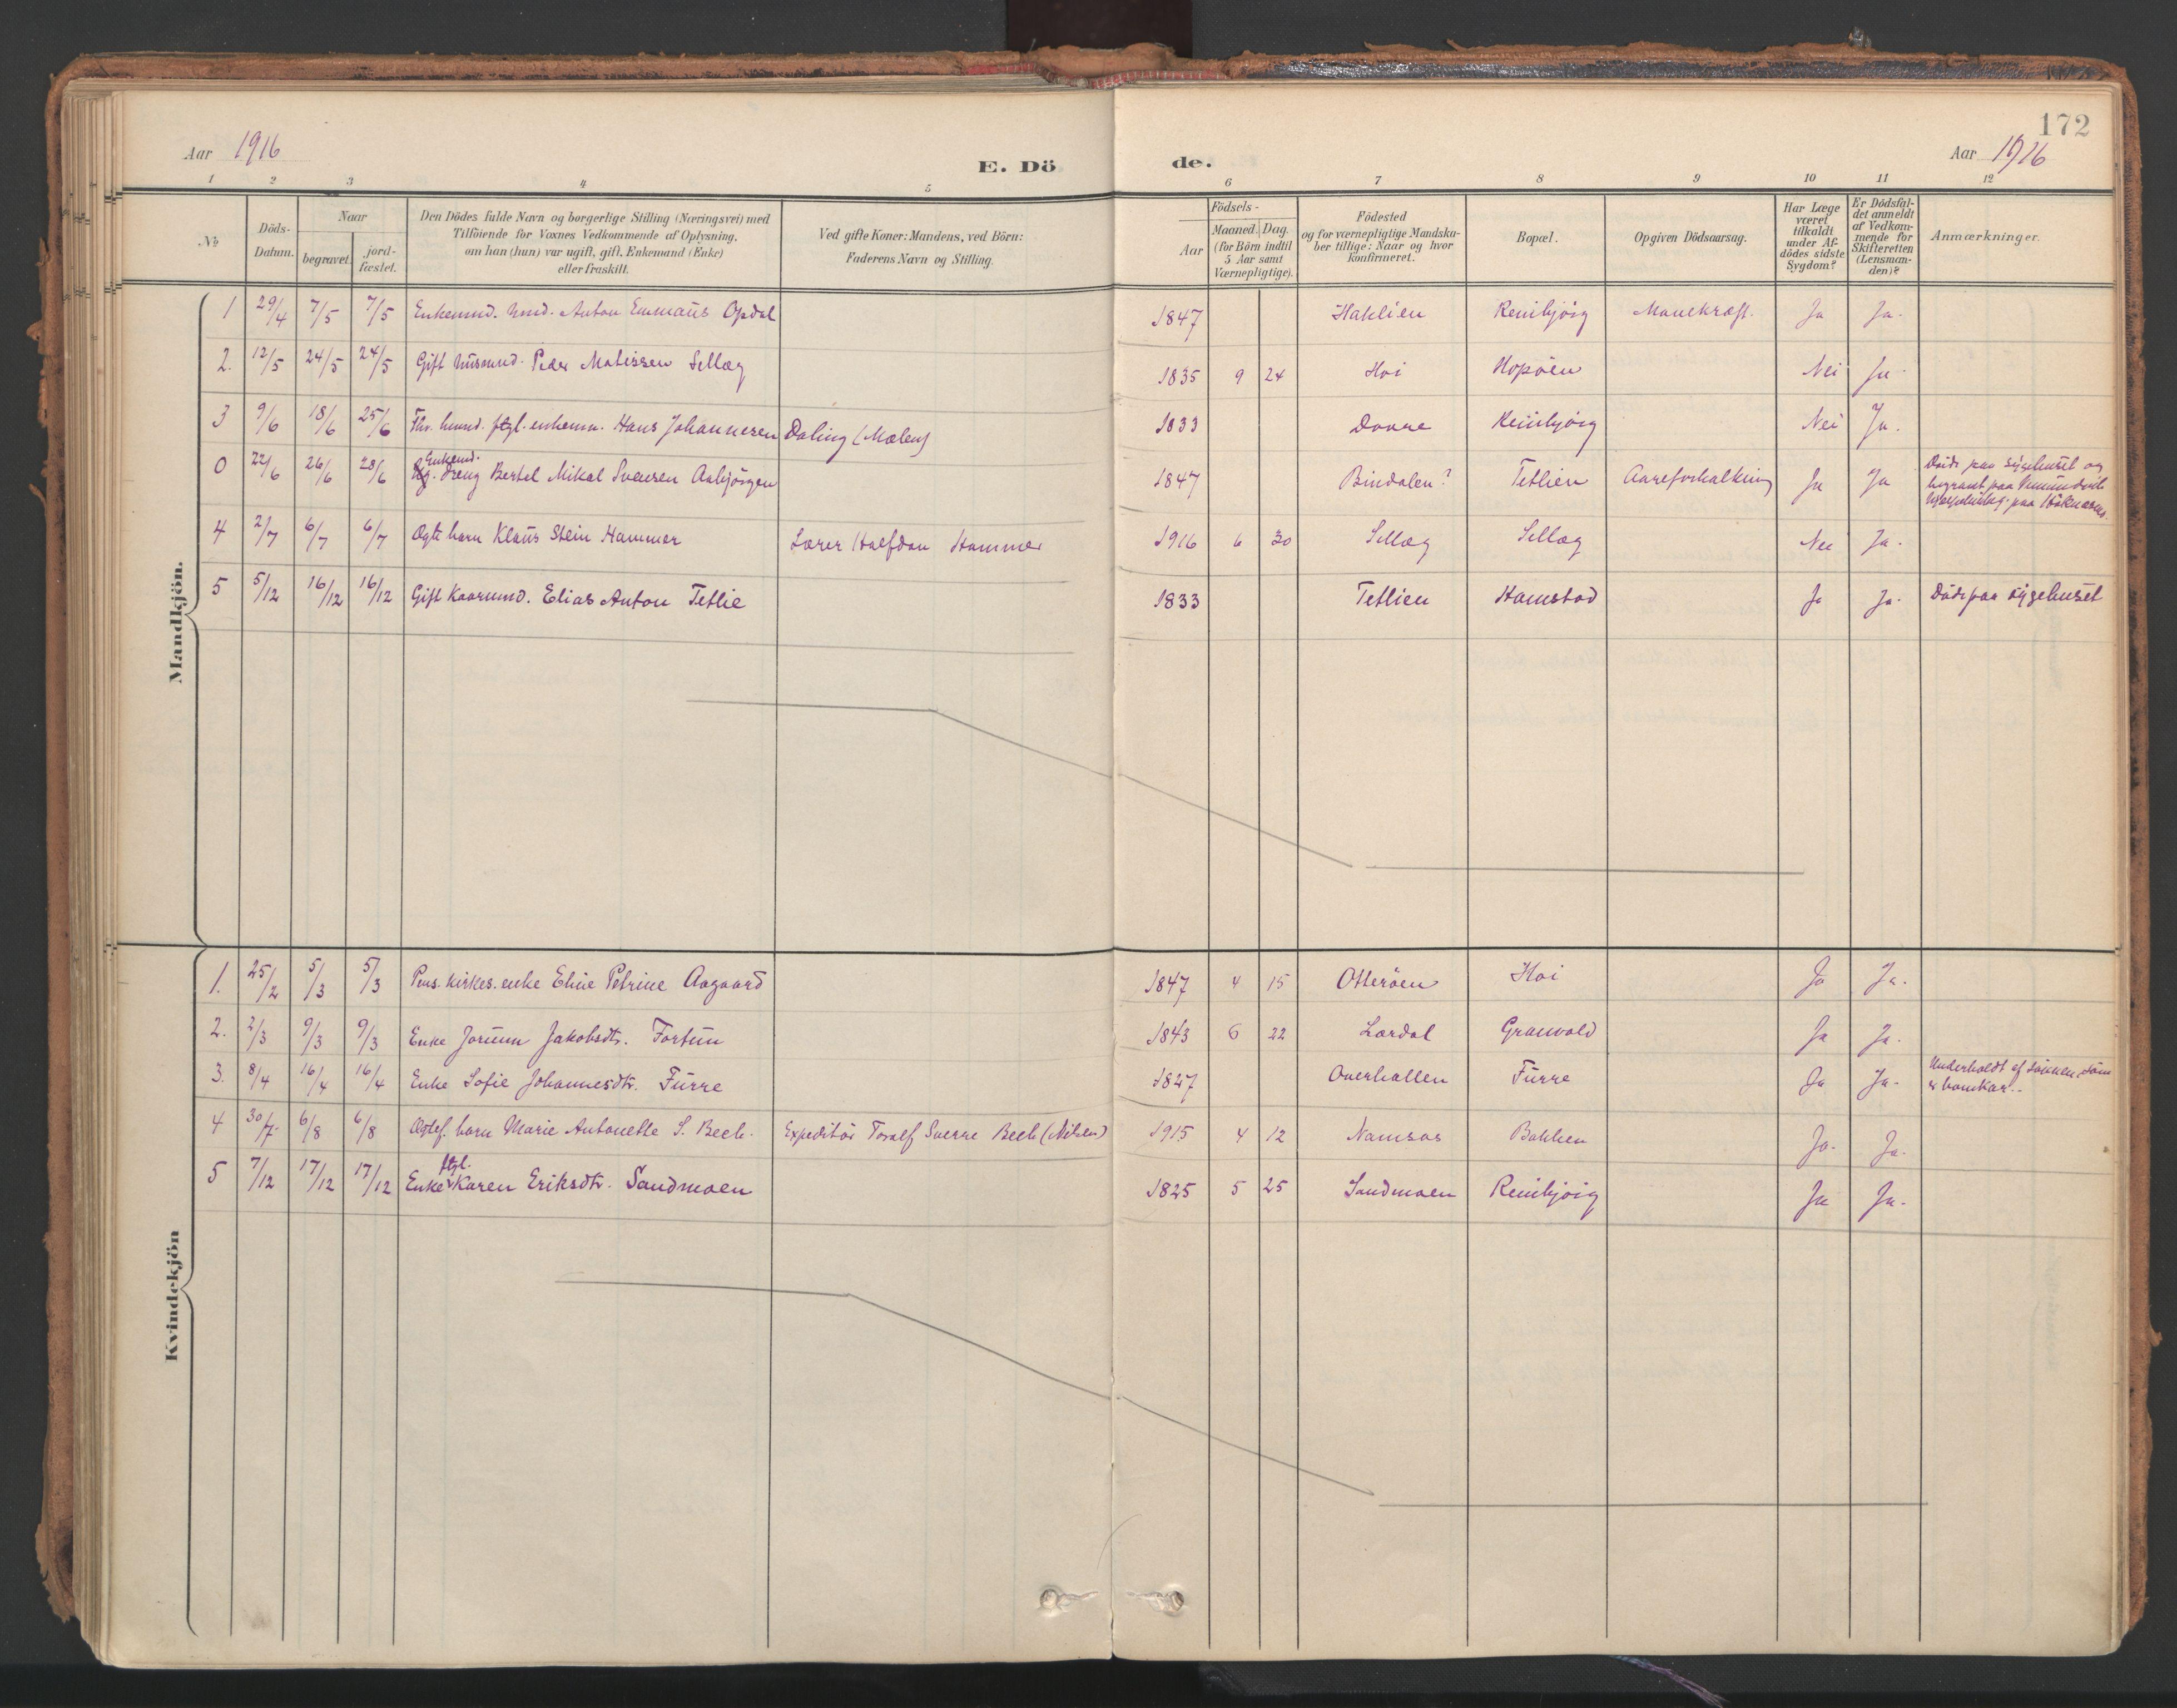 SAT, Ministerialprotokoller, klokkerbøker og fødselsregistre - Nord-Trøndelag, 766/L0564: Ministerialbok nr. 767A02, 1900-1932, s. 172